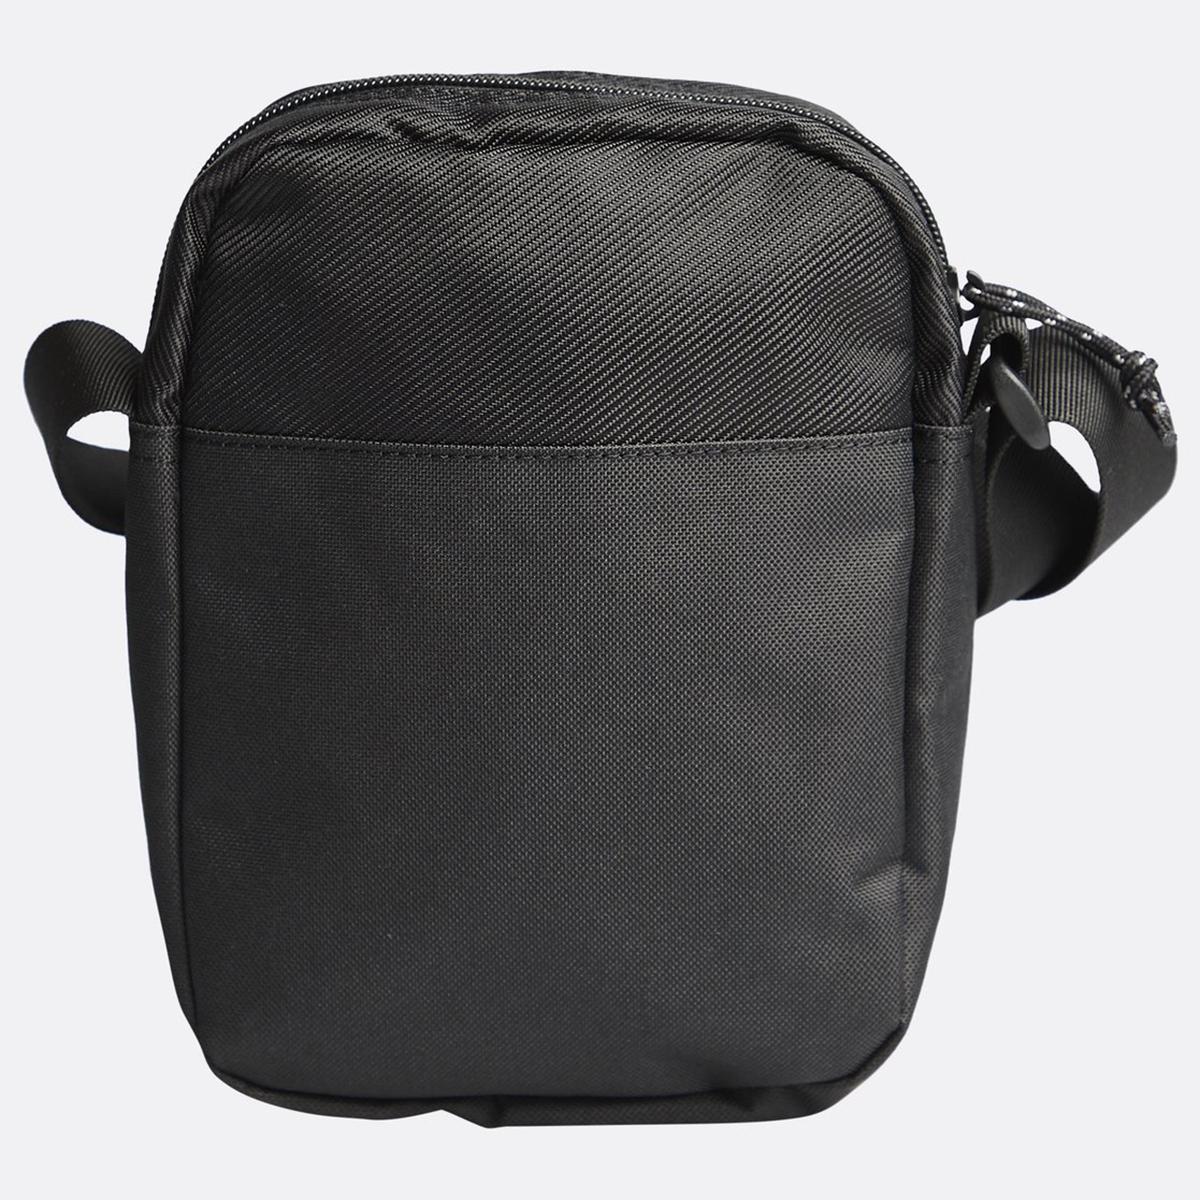 Заплечная сумка Boulevard Satchel